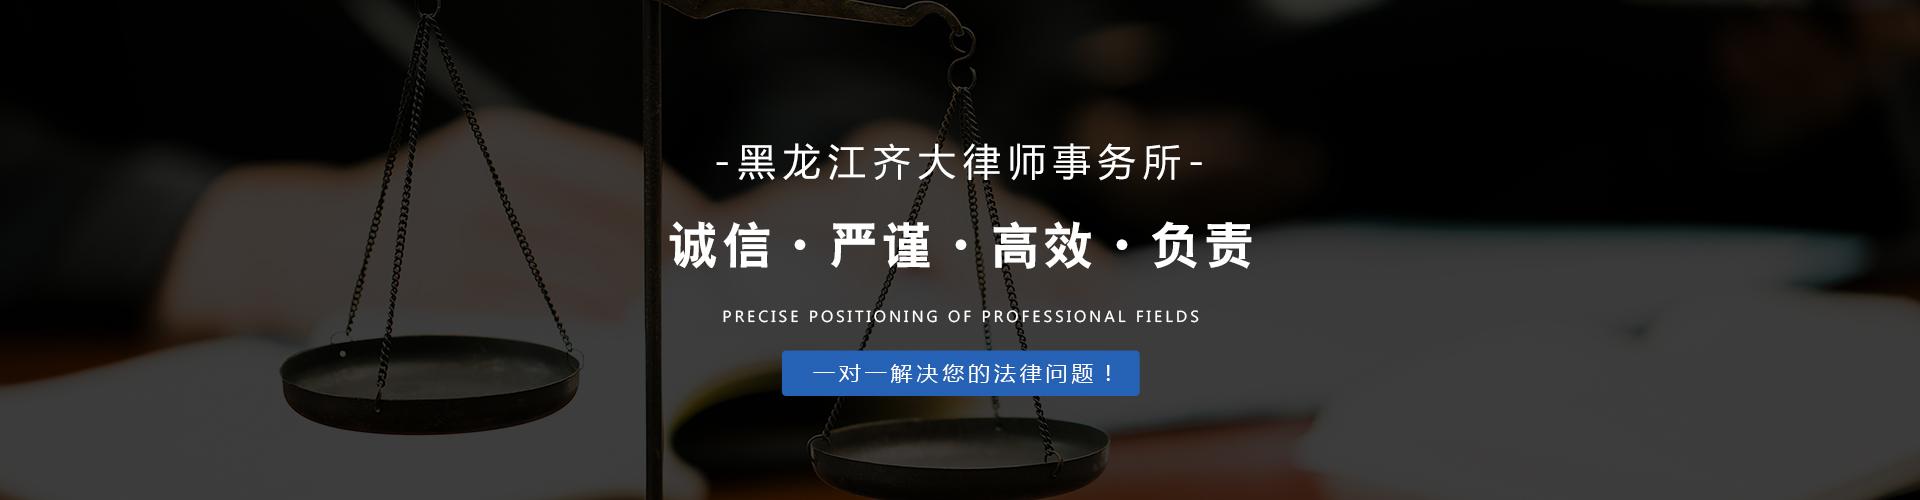 黑龙江齐大律师事务所